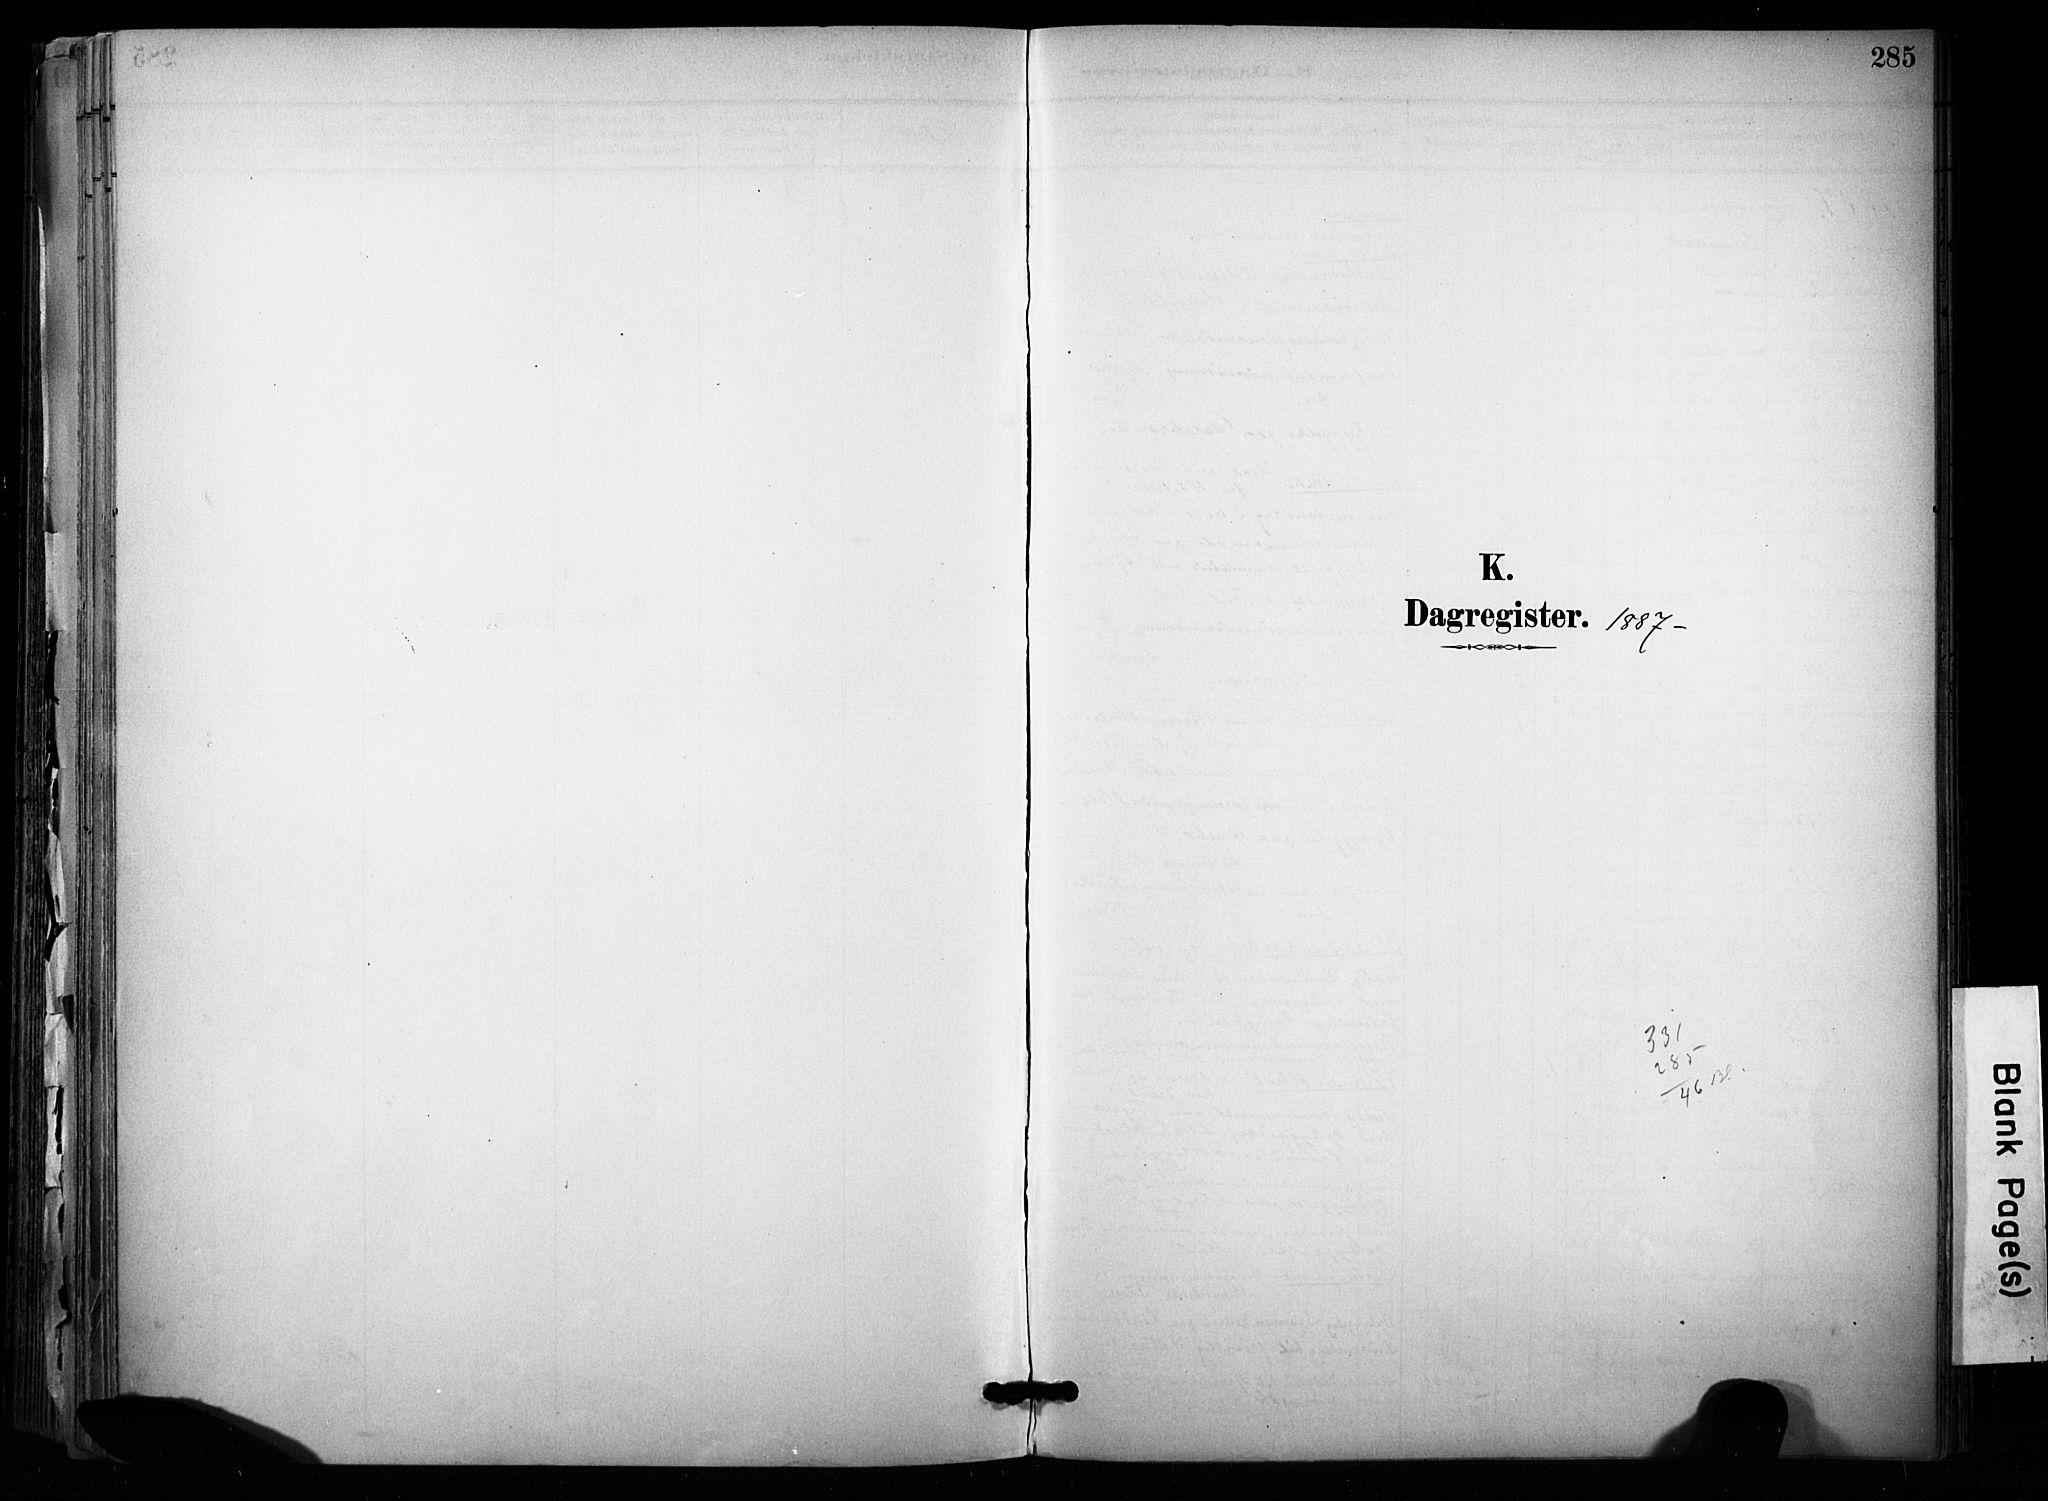 SAKO, Sannidal kirkebøker, F/Fa/L0015: Ministerialbok nr. 15, 1884-1899, s. 285